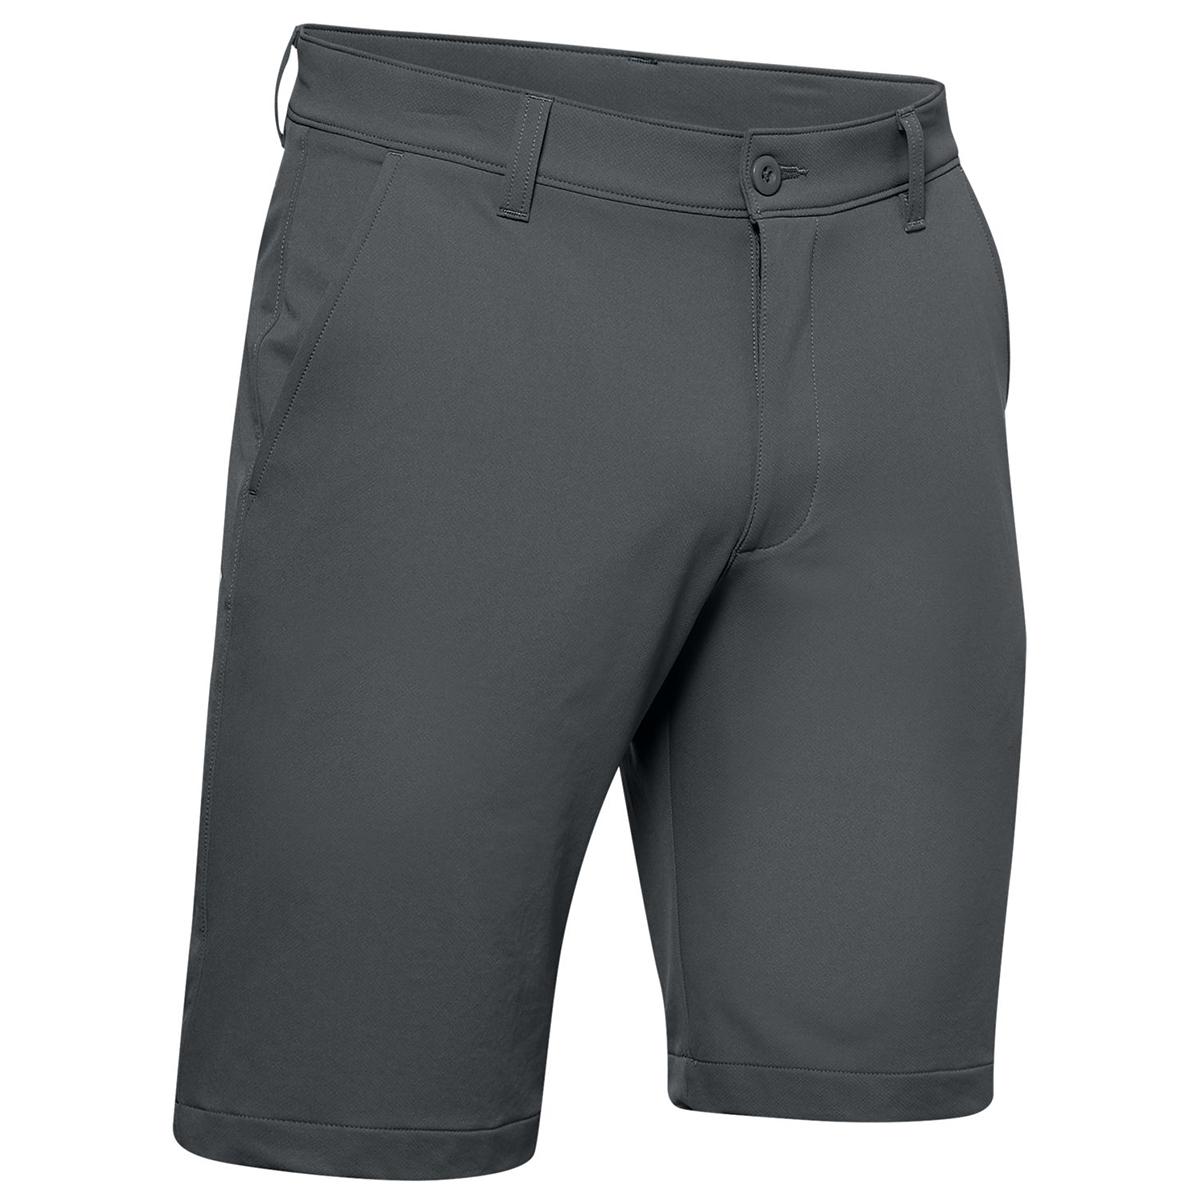 Under Armour Men's Ua Tech Shorts - Black, 40